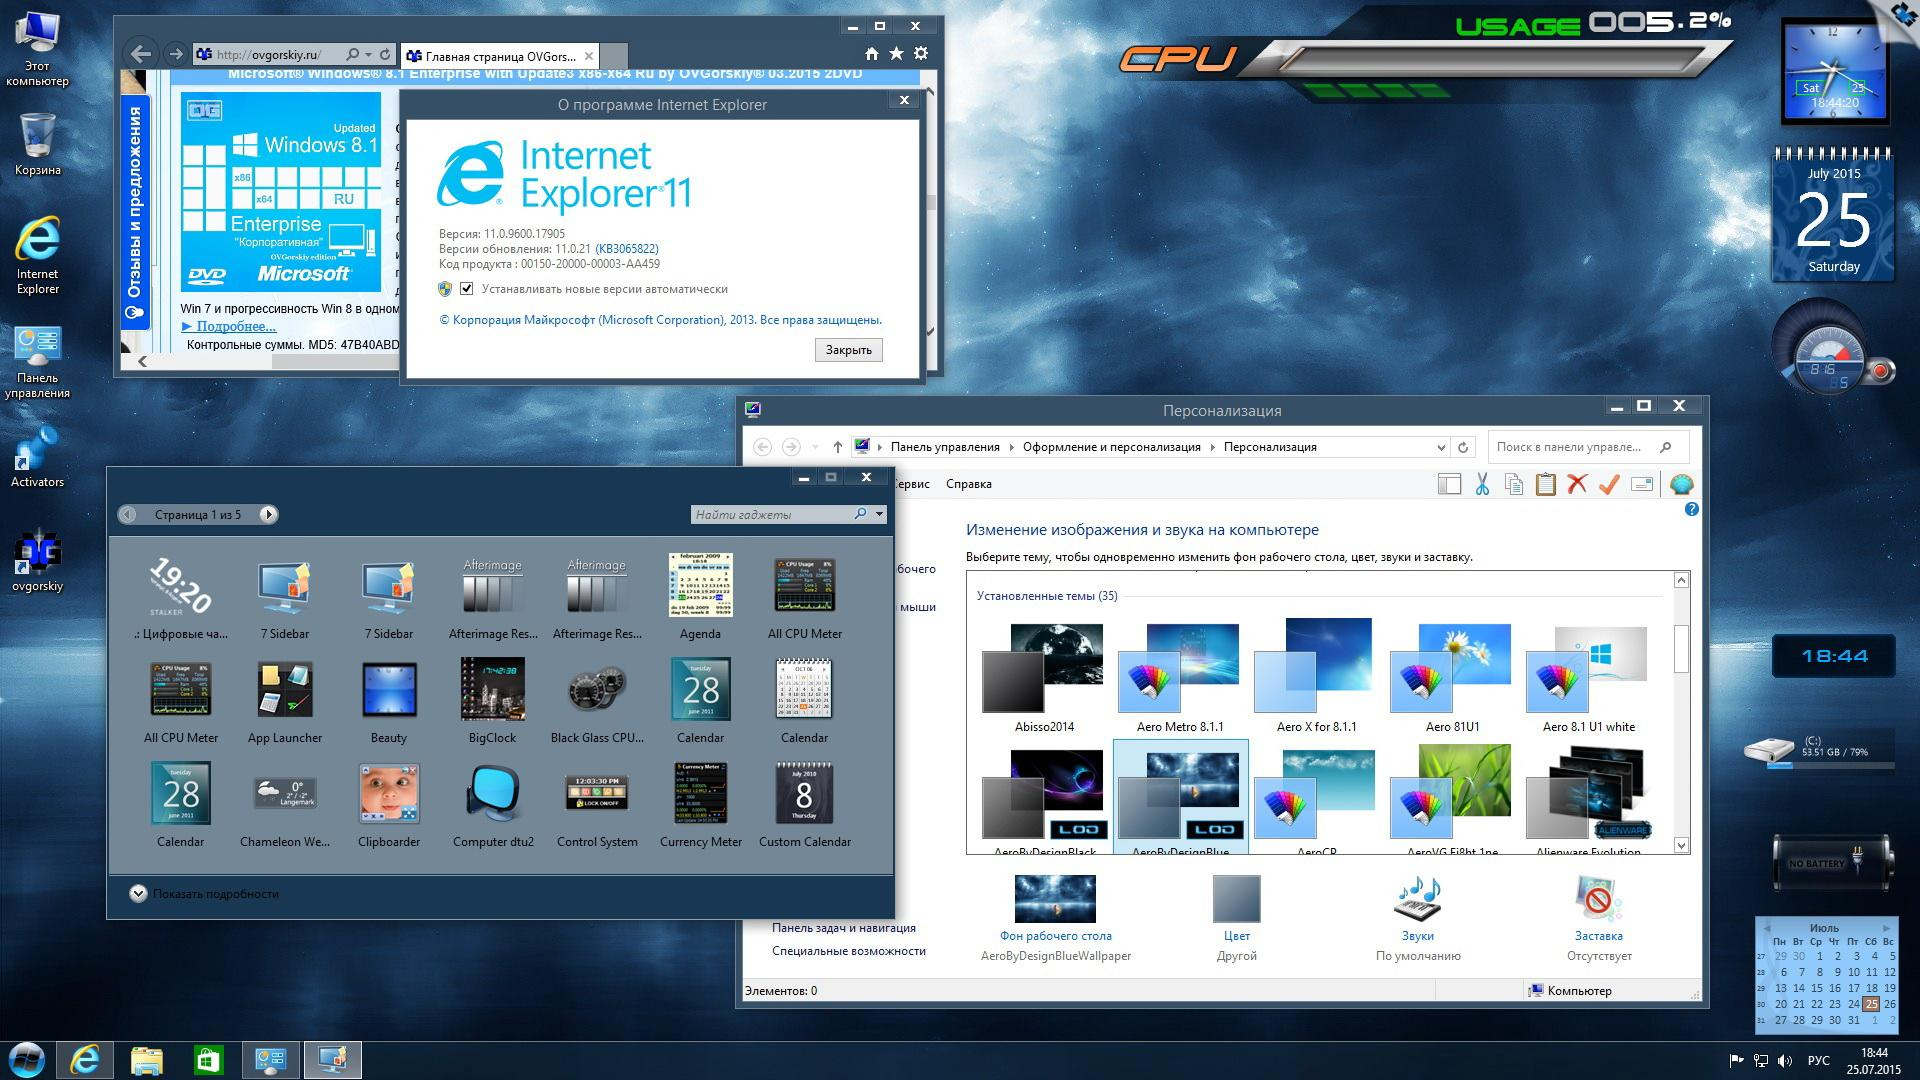 Как удалить программы в Windows 8? И где искать панель управления